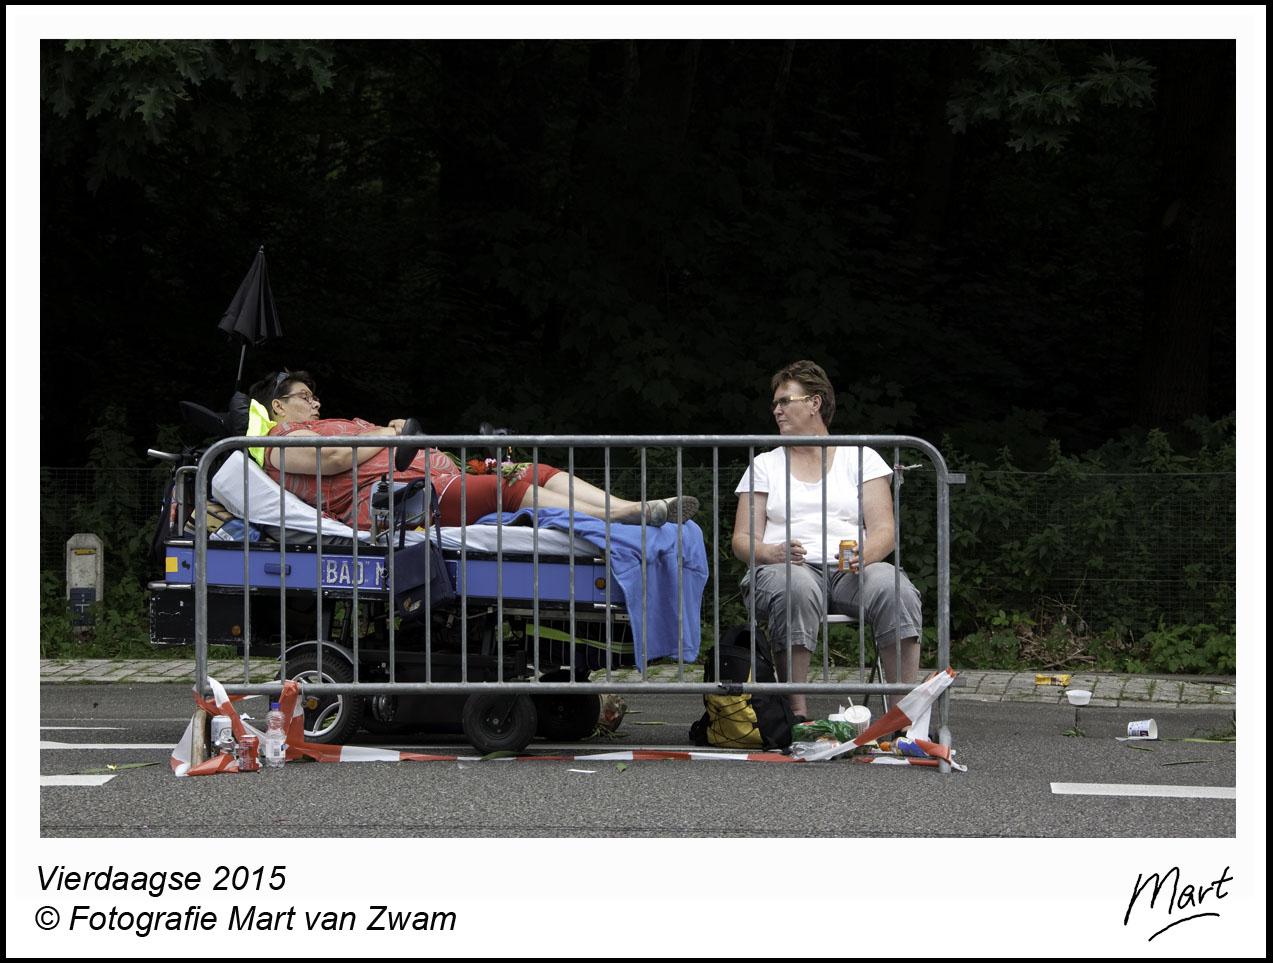 Fotografie Mart van Zwam